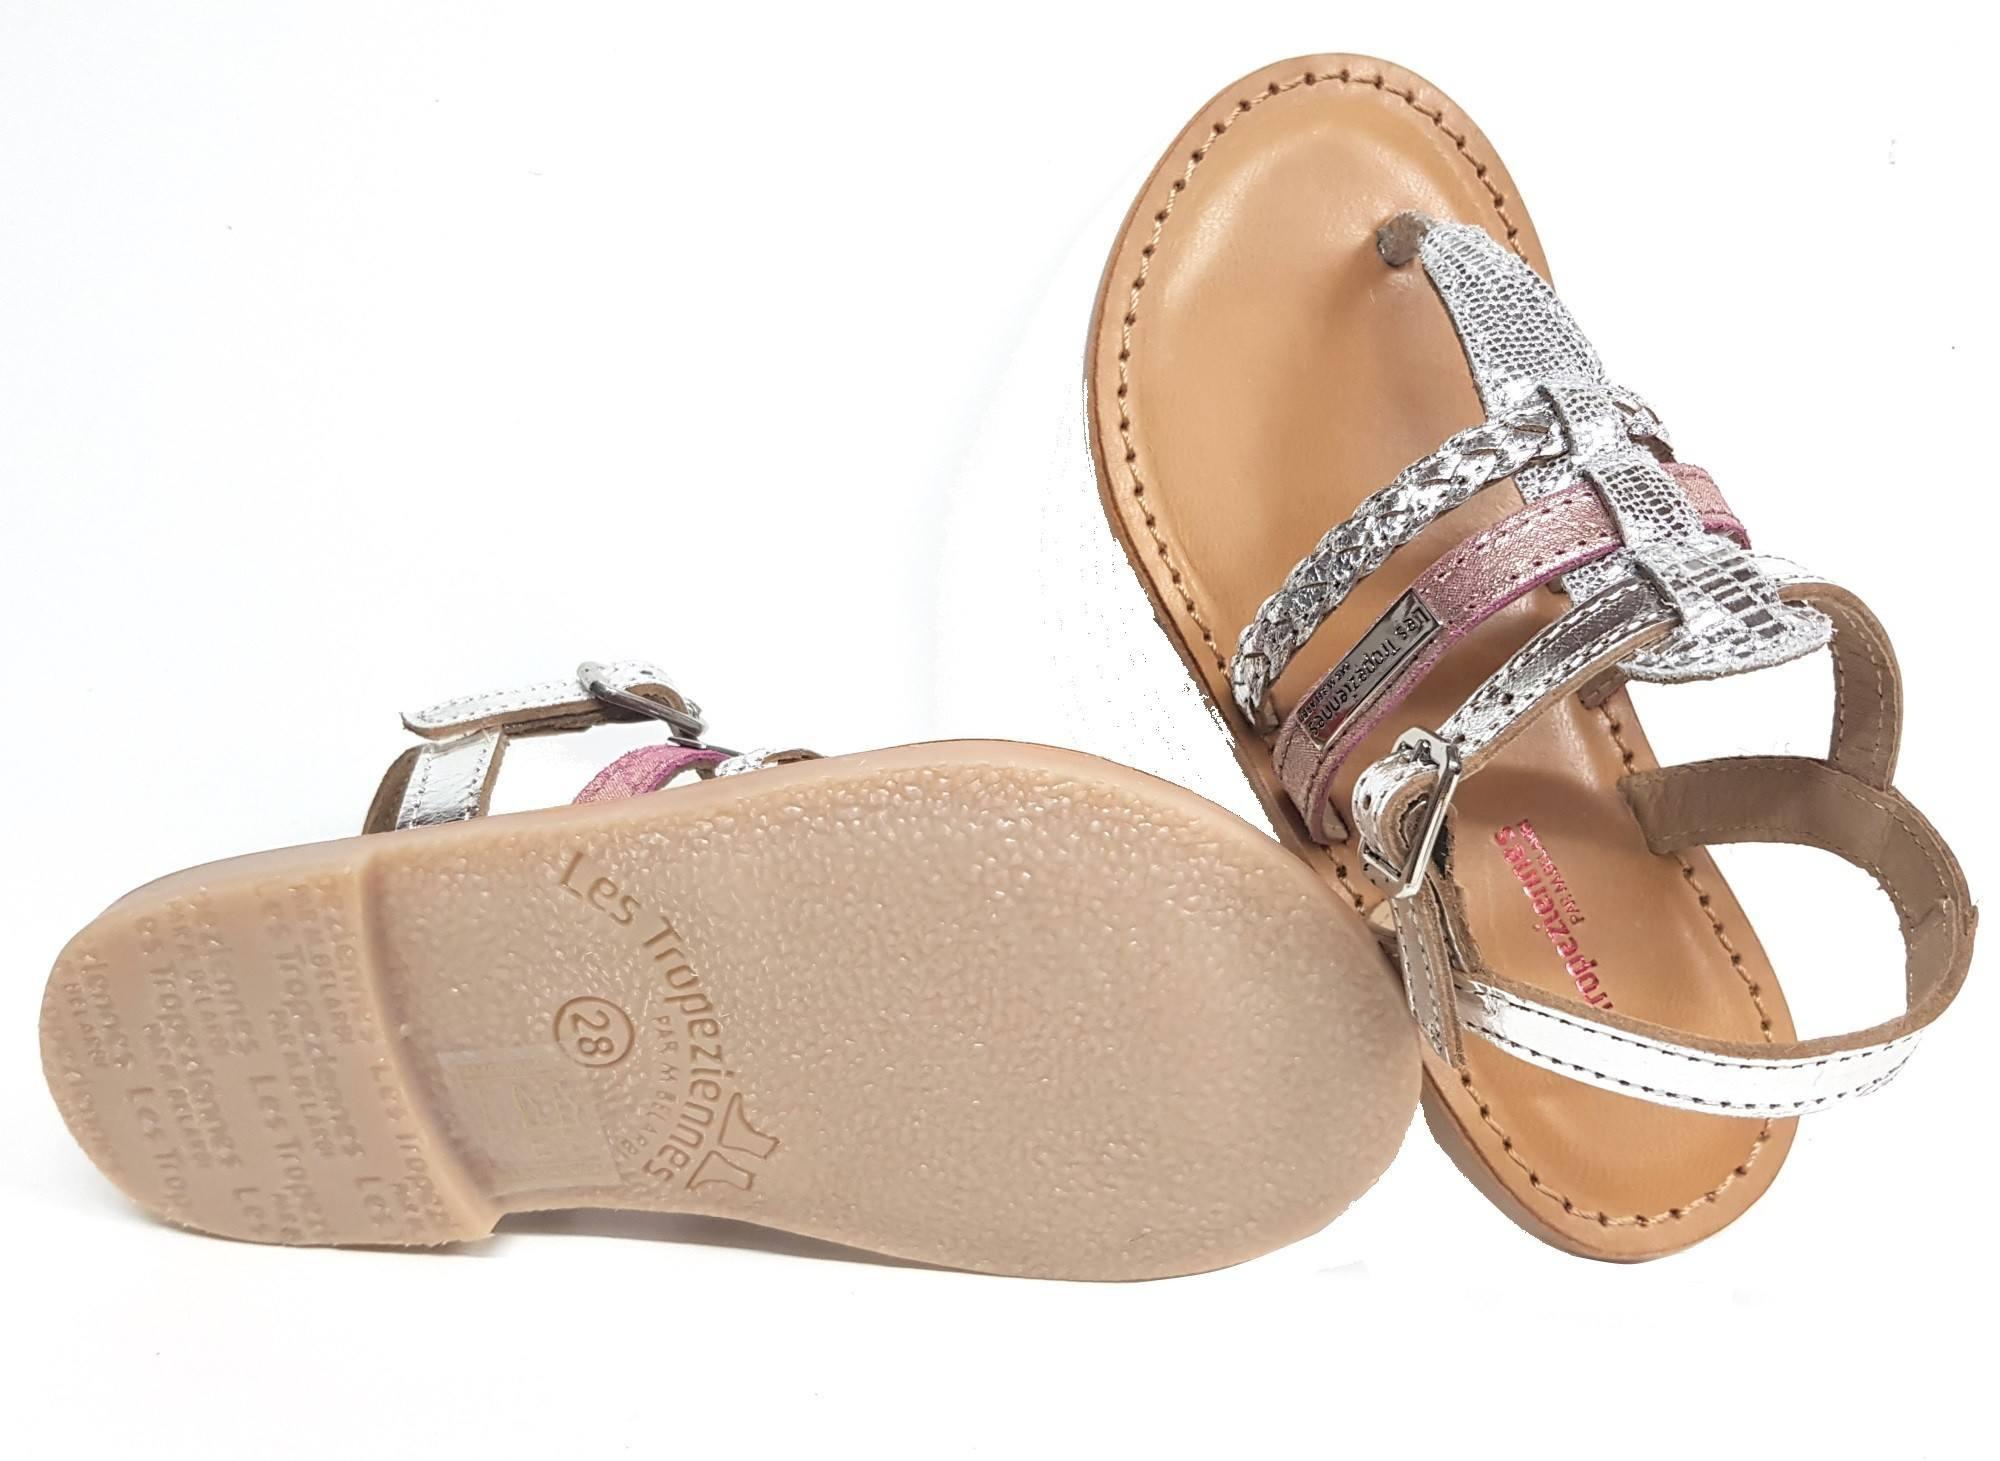 nu-pied Barmi, entre doigts en cuir argent doté d'une lanière glitter rose et fermé par 1 bride à boucle